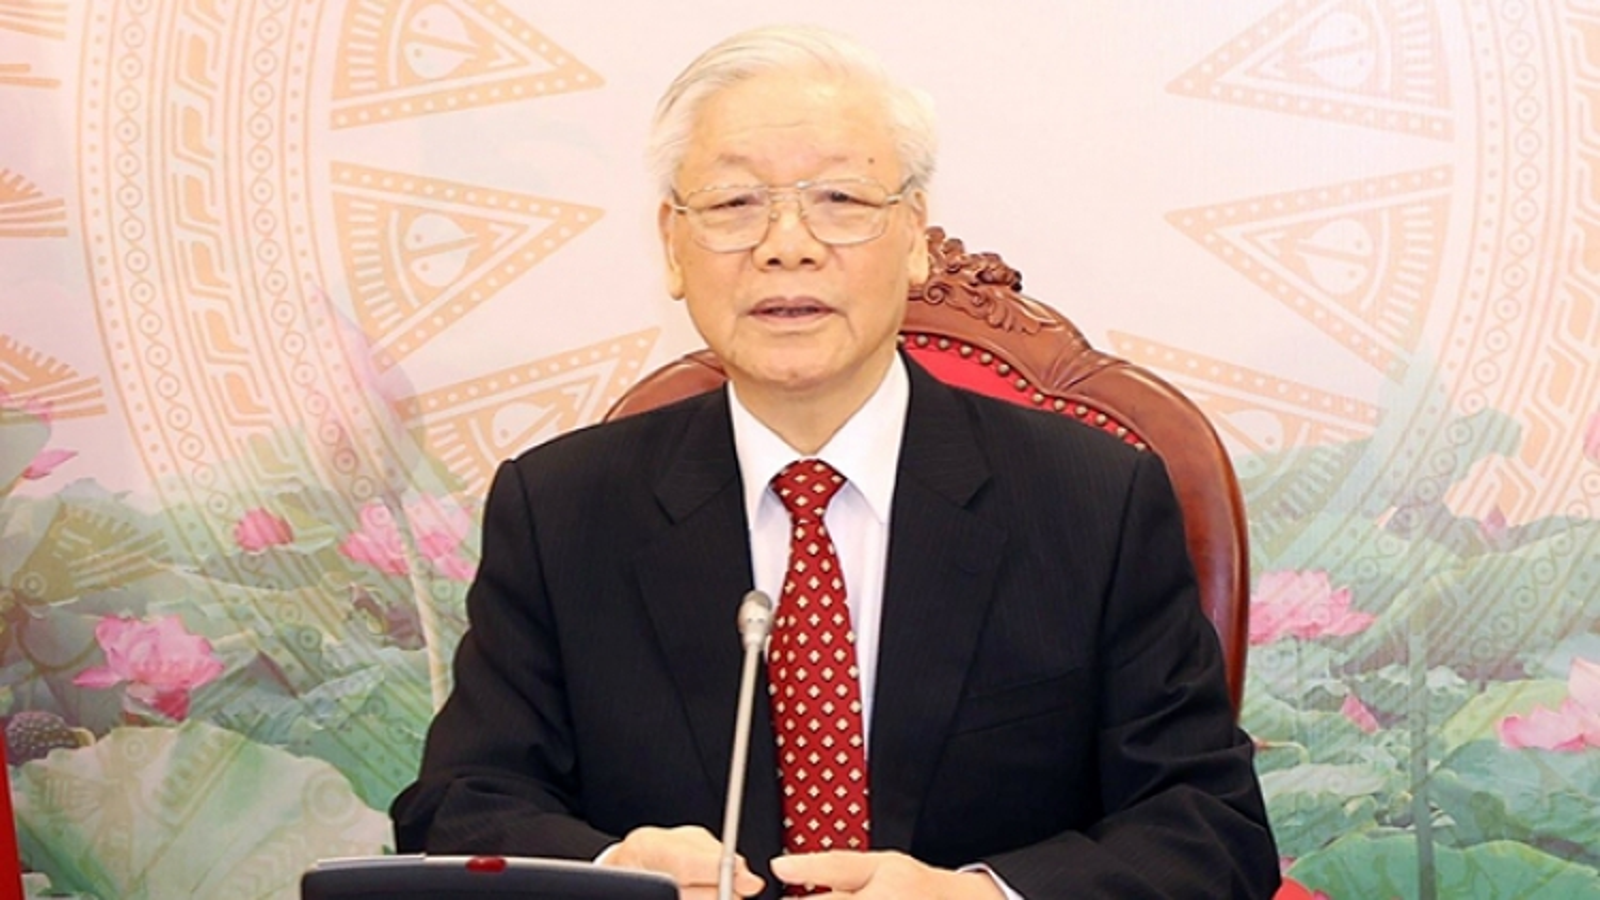 Lãnh đạo Đảng, Nhà nước gửi điện mừng Quốc khánh Trung Quốc